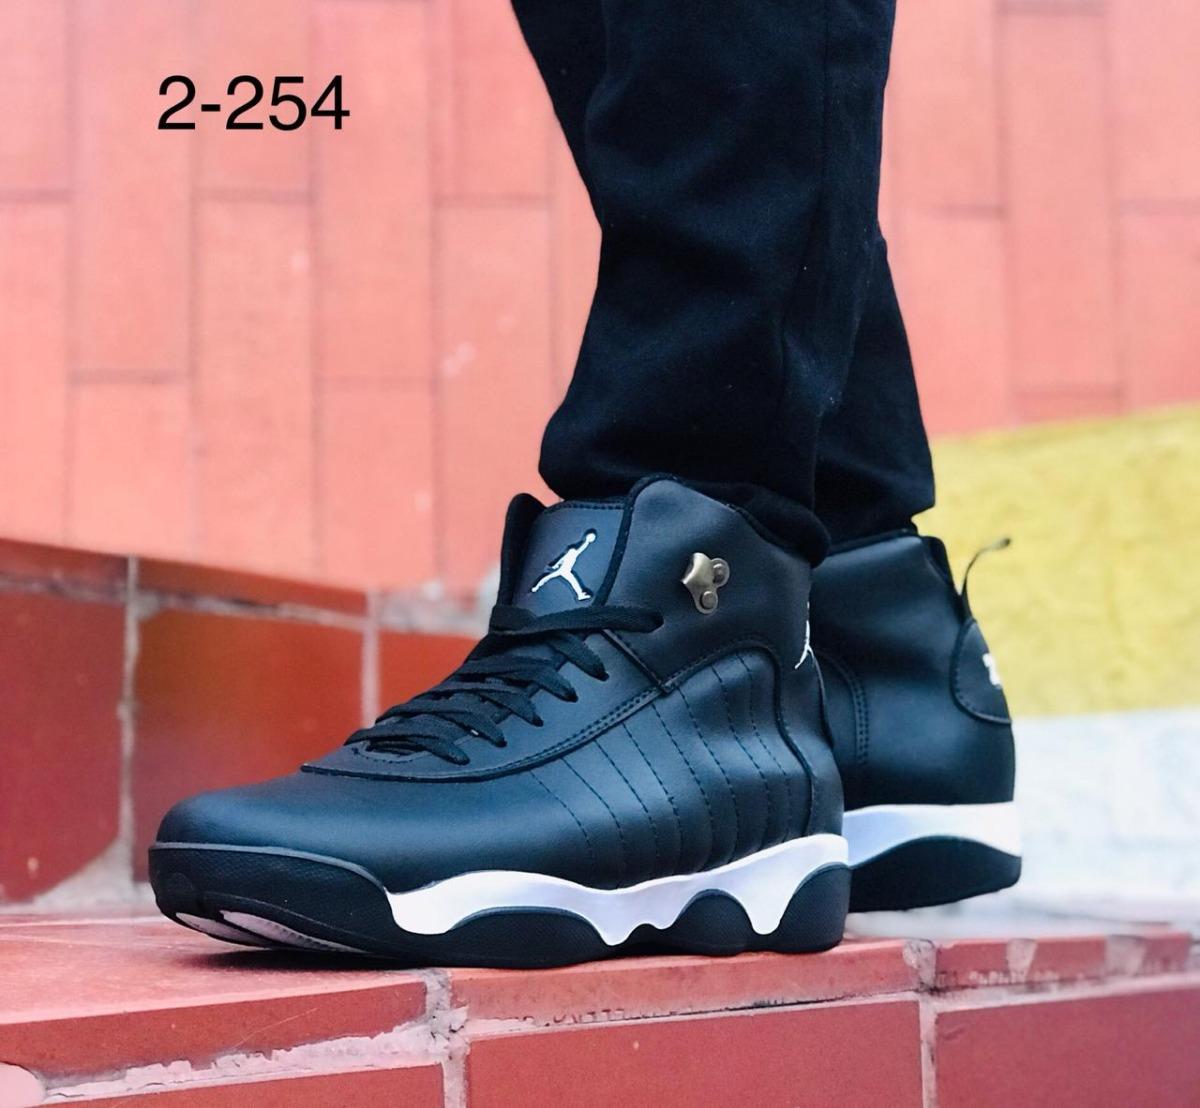 afd53af5 botas zapatos deportivos jordan de caballero - envio gratis. Cargando zoom.